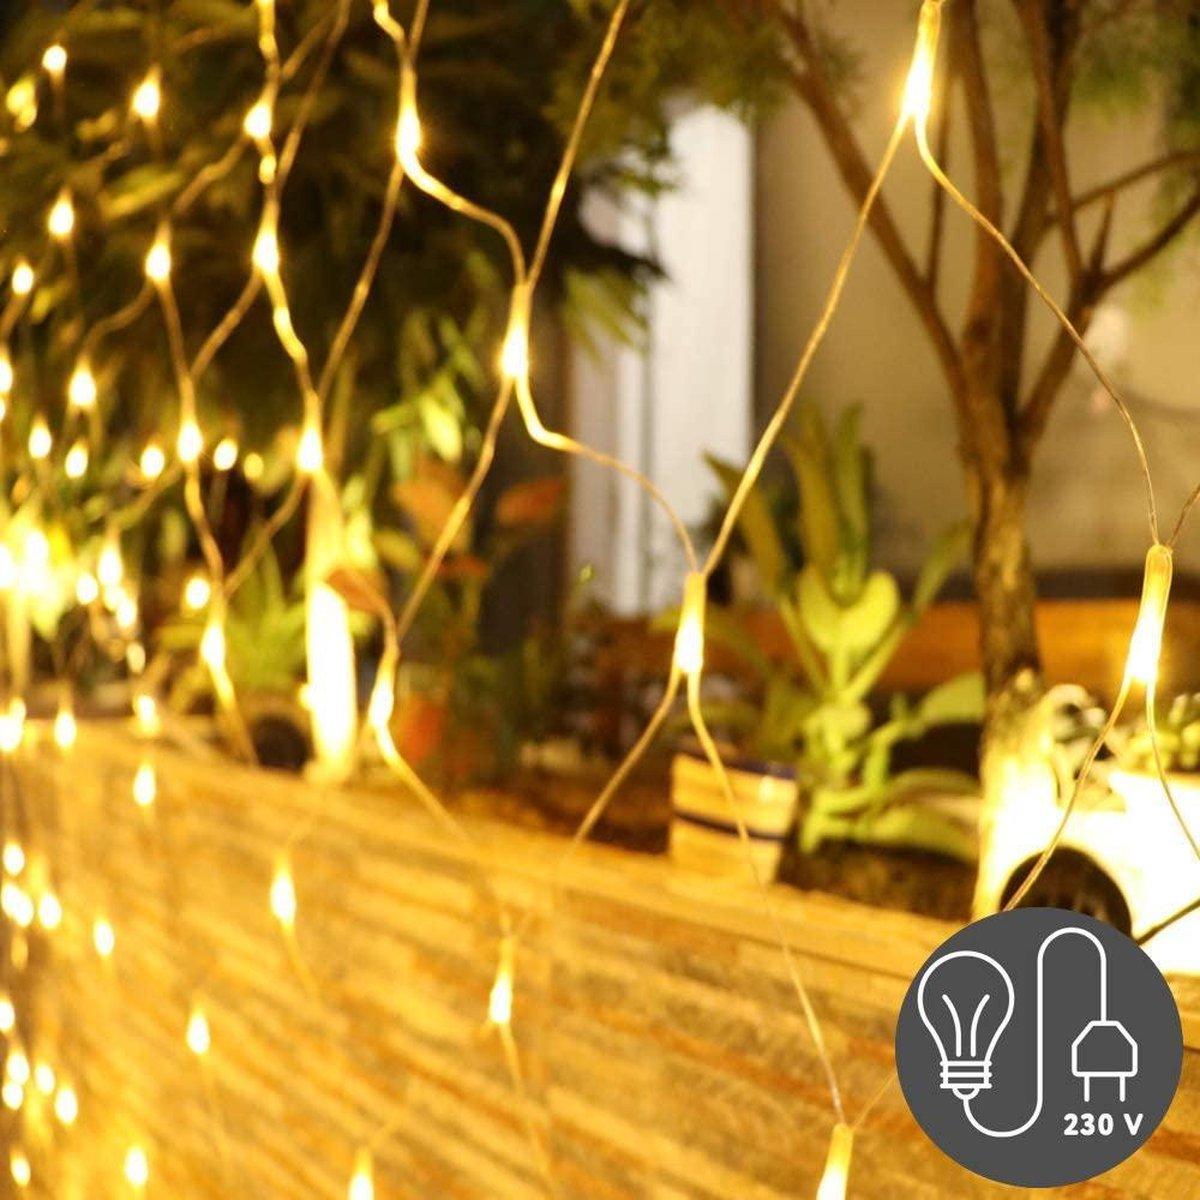 J-Pro Tuinverlichting - 3m x 2m Lichtnet - LED Lichtgordijn - Met Stekker